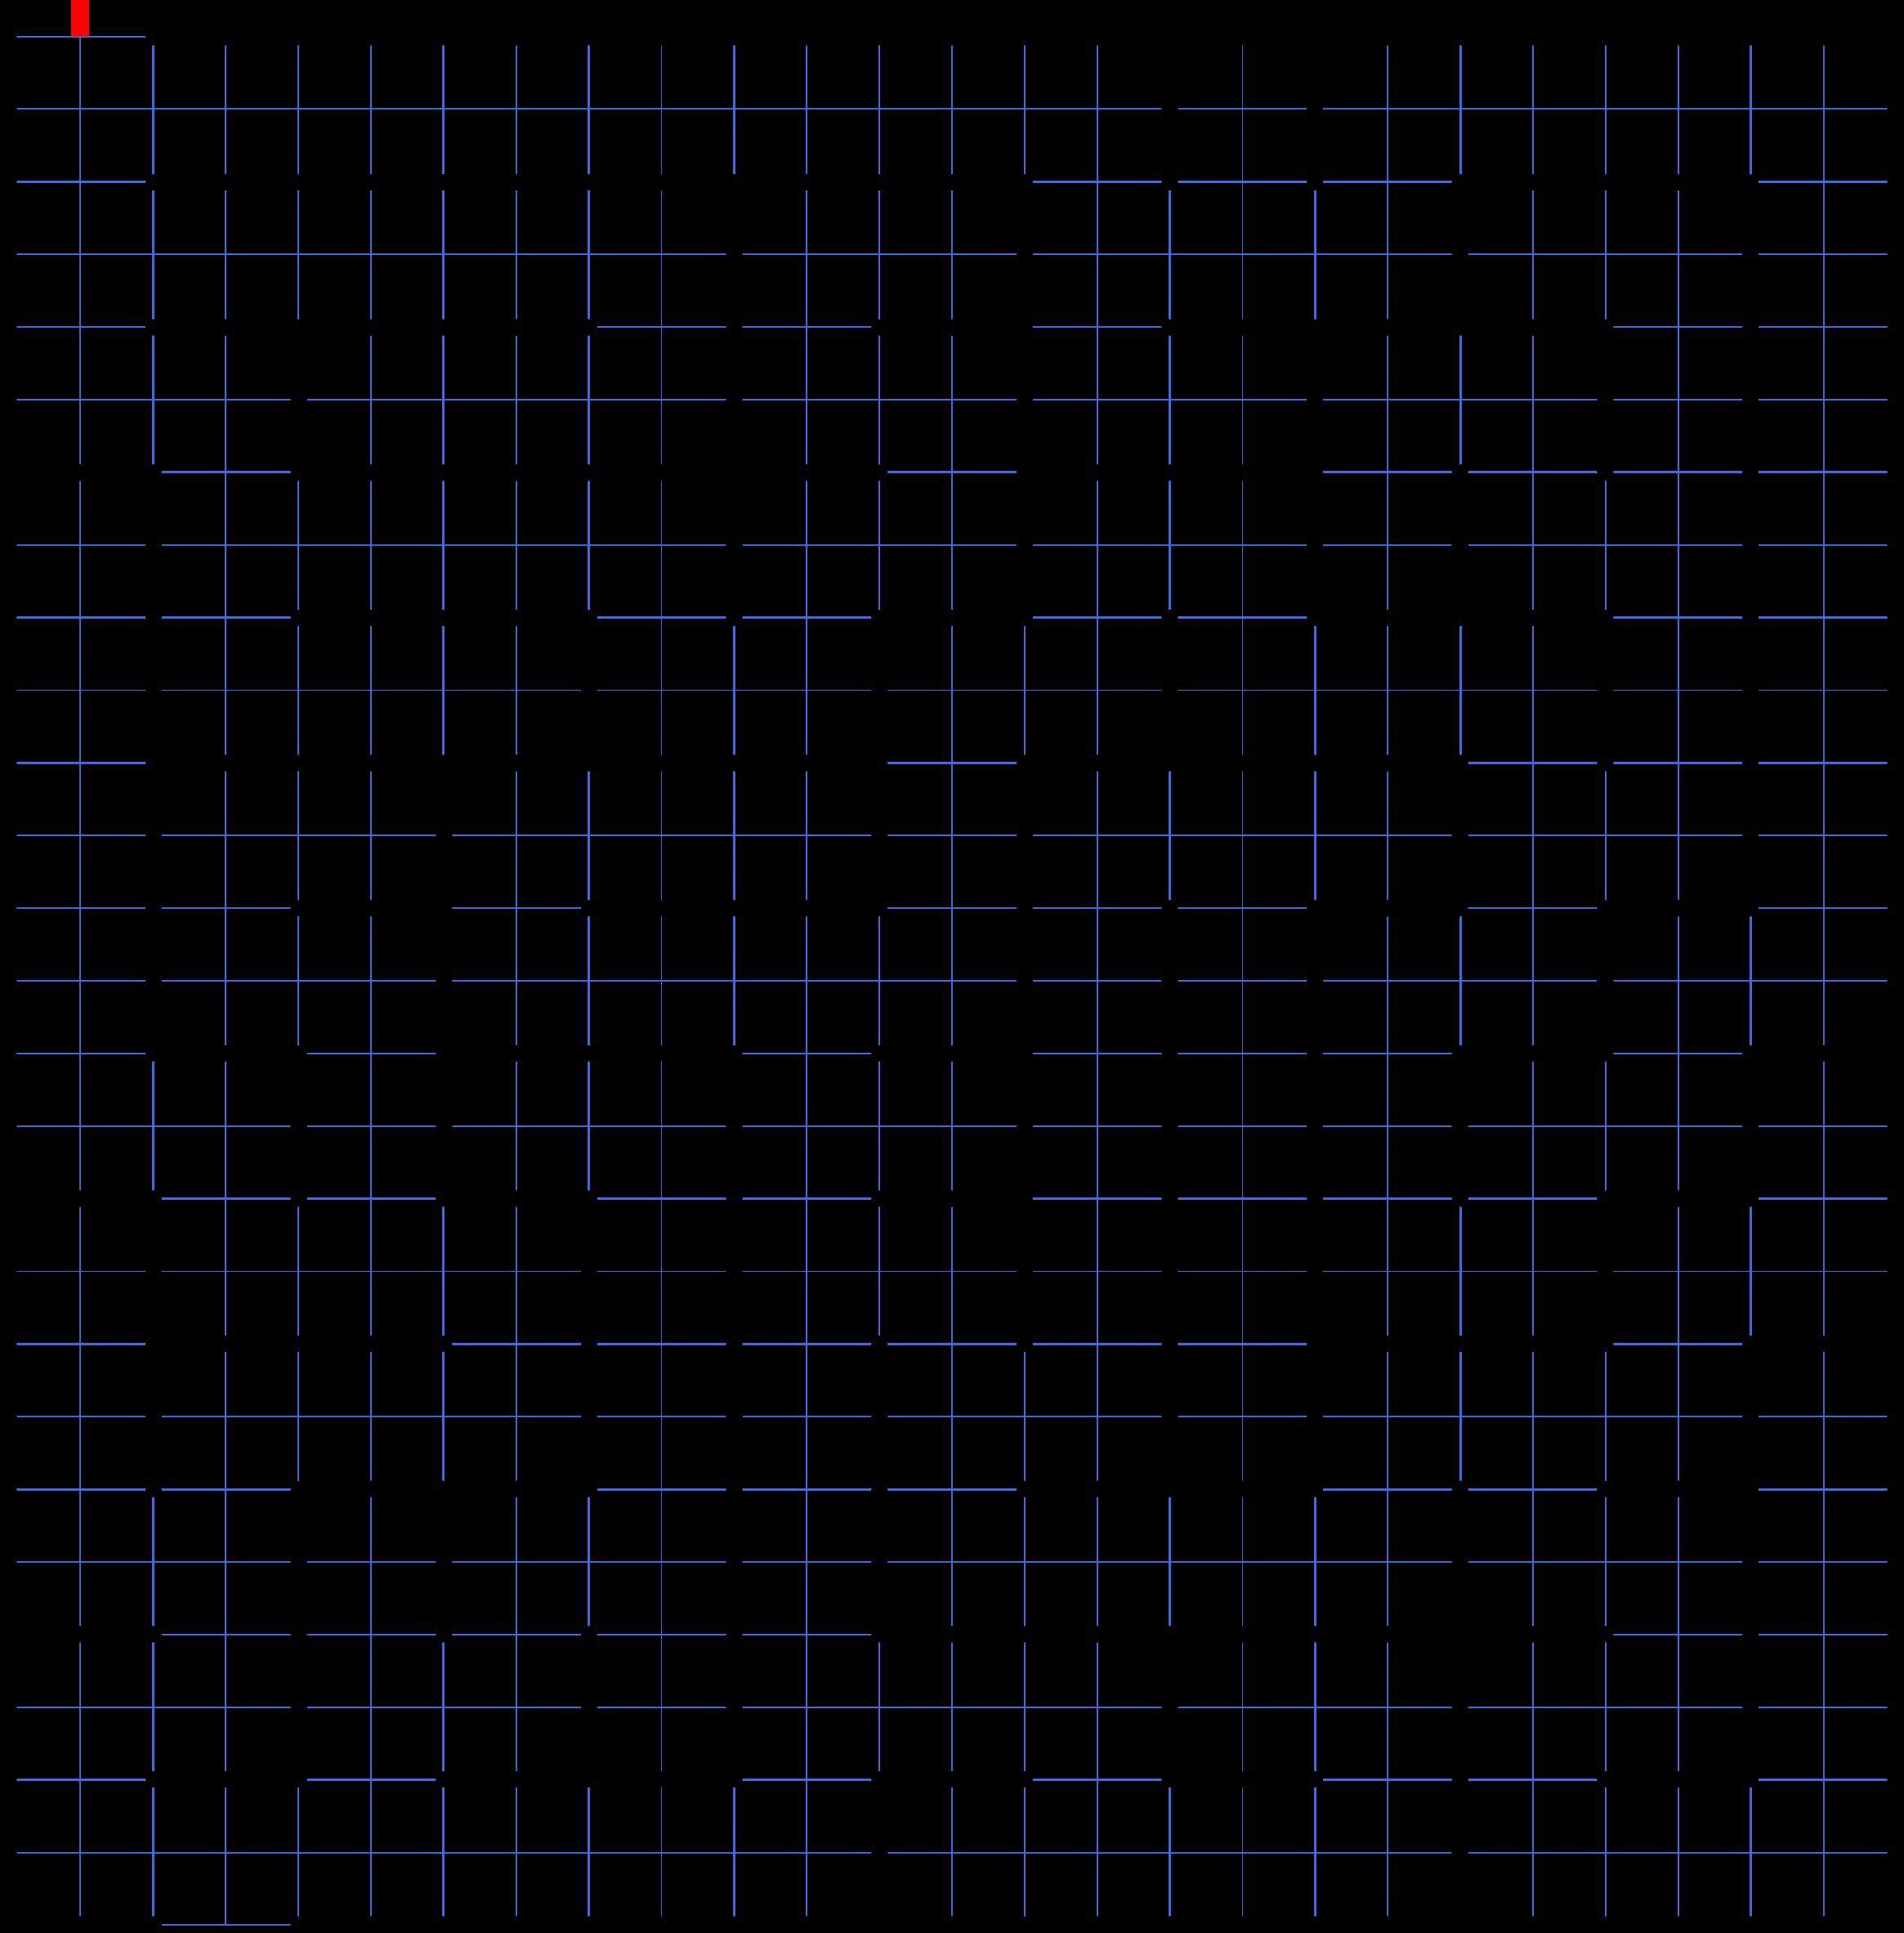 Maze Examples - Maze Generator